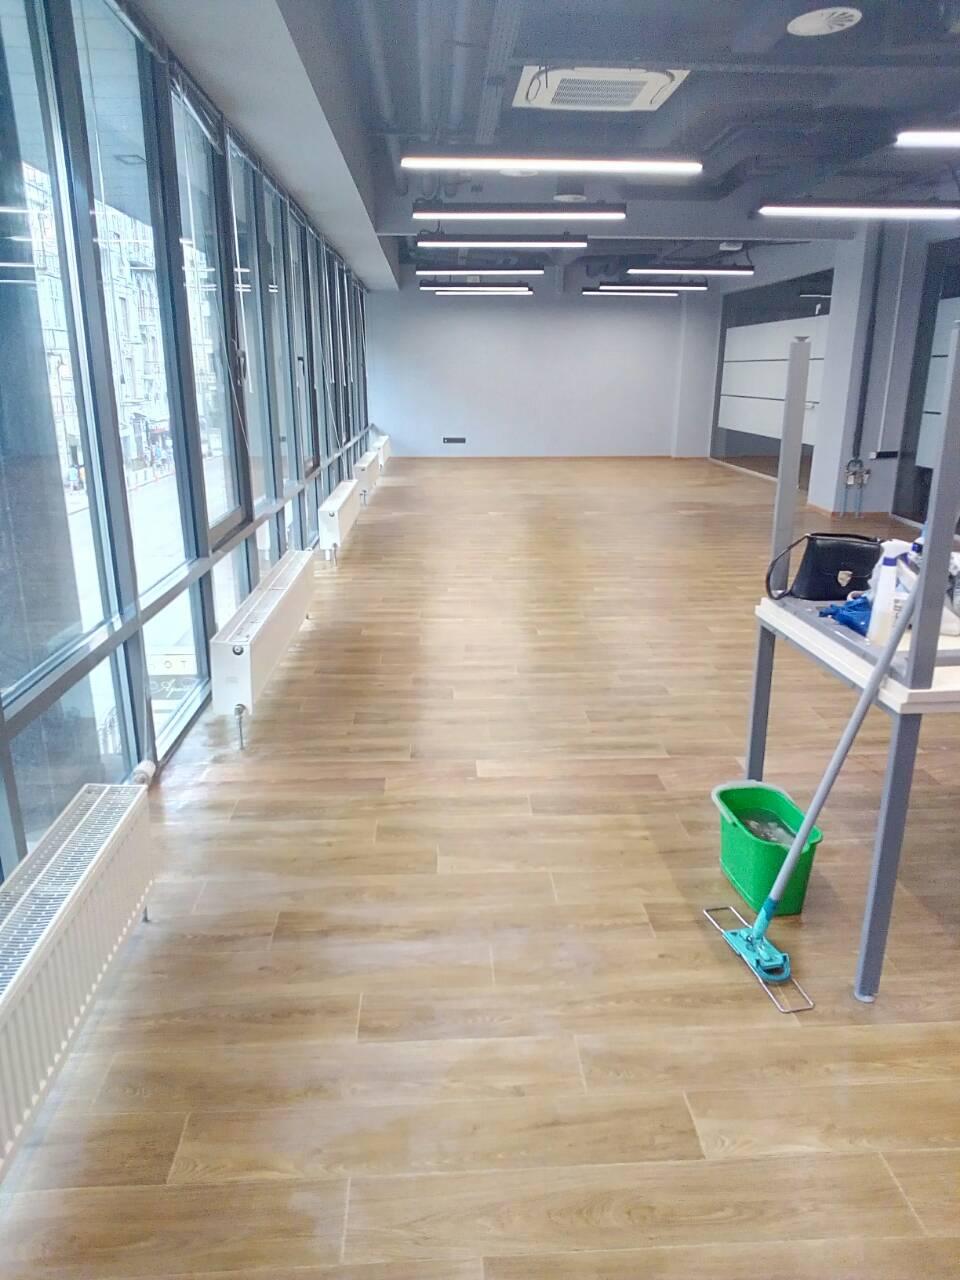 Фото Було вимите все скло в офісі, стеля, світильні прибори, підлога